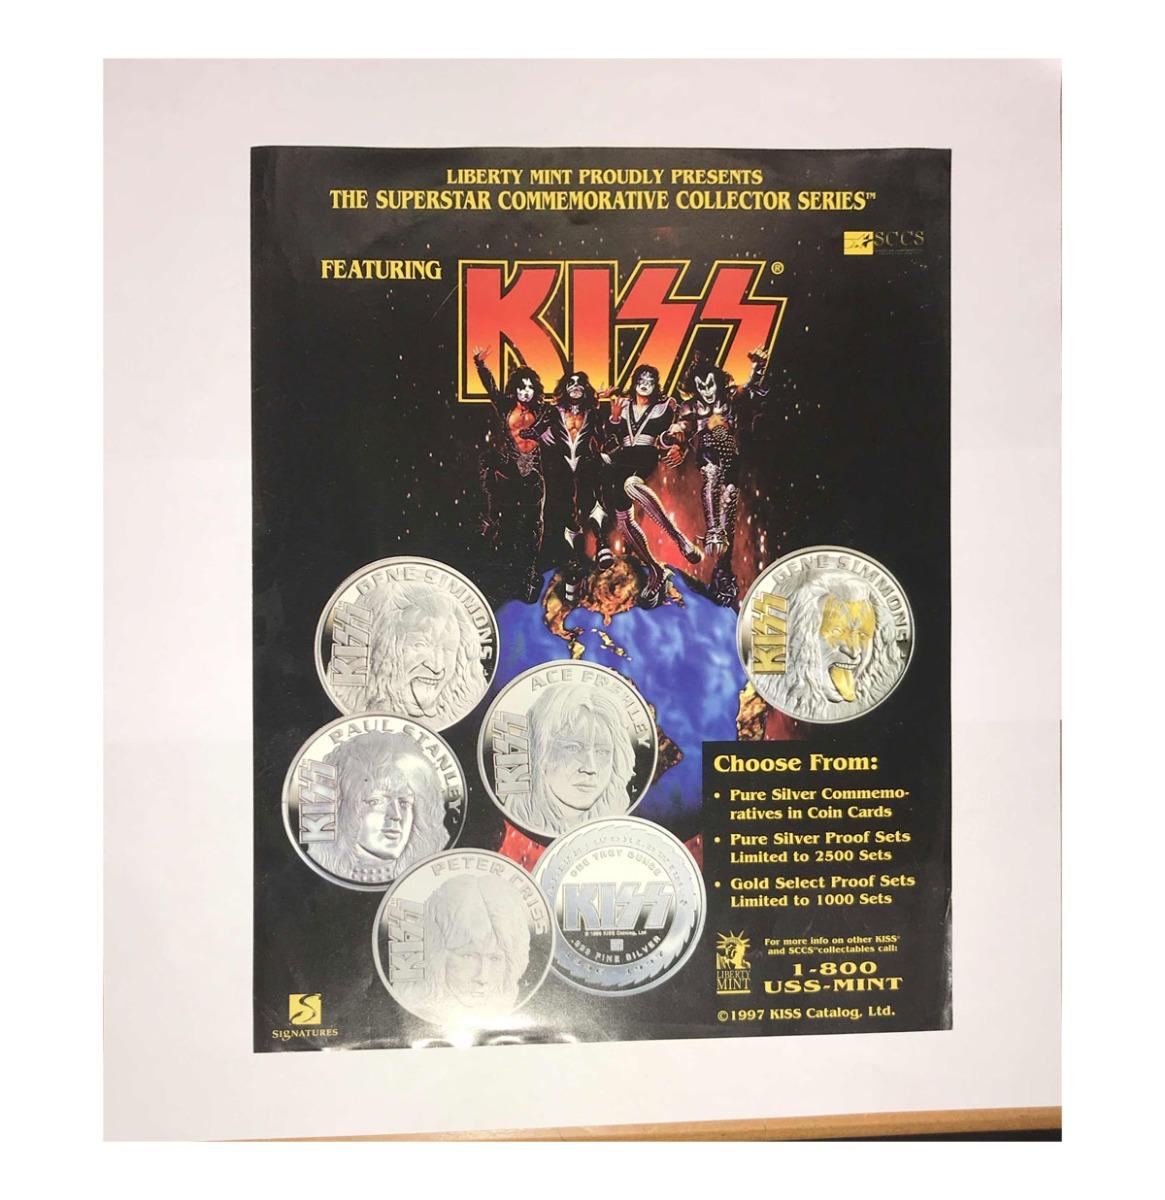 Originele Kiss Flyer - Liberty Mint 1997